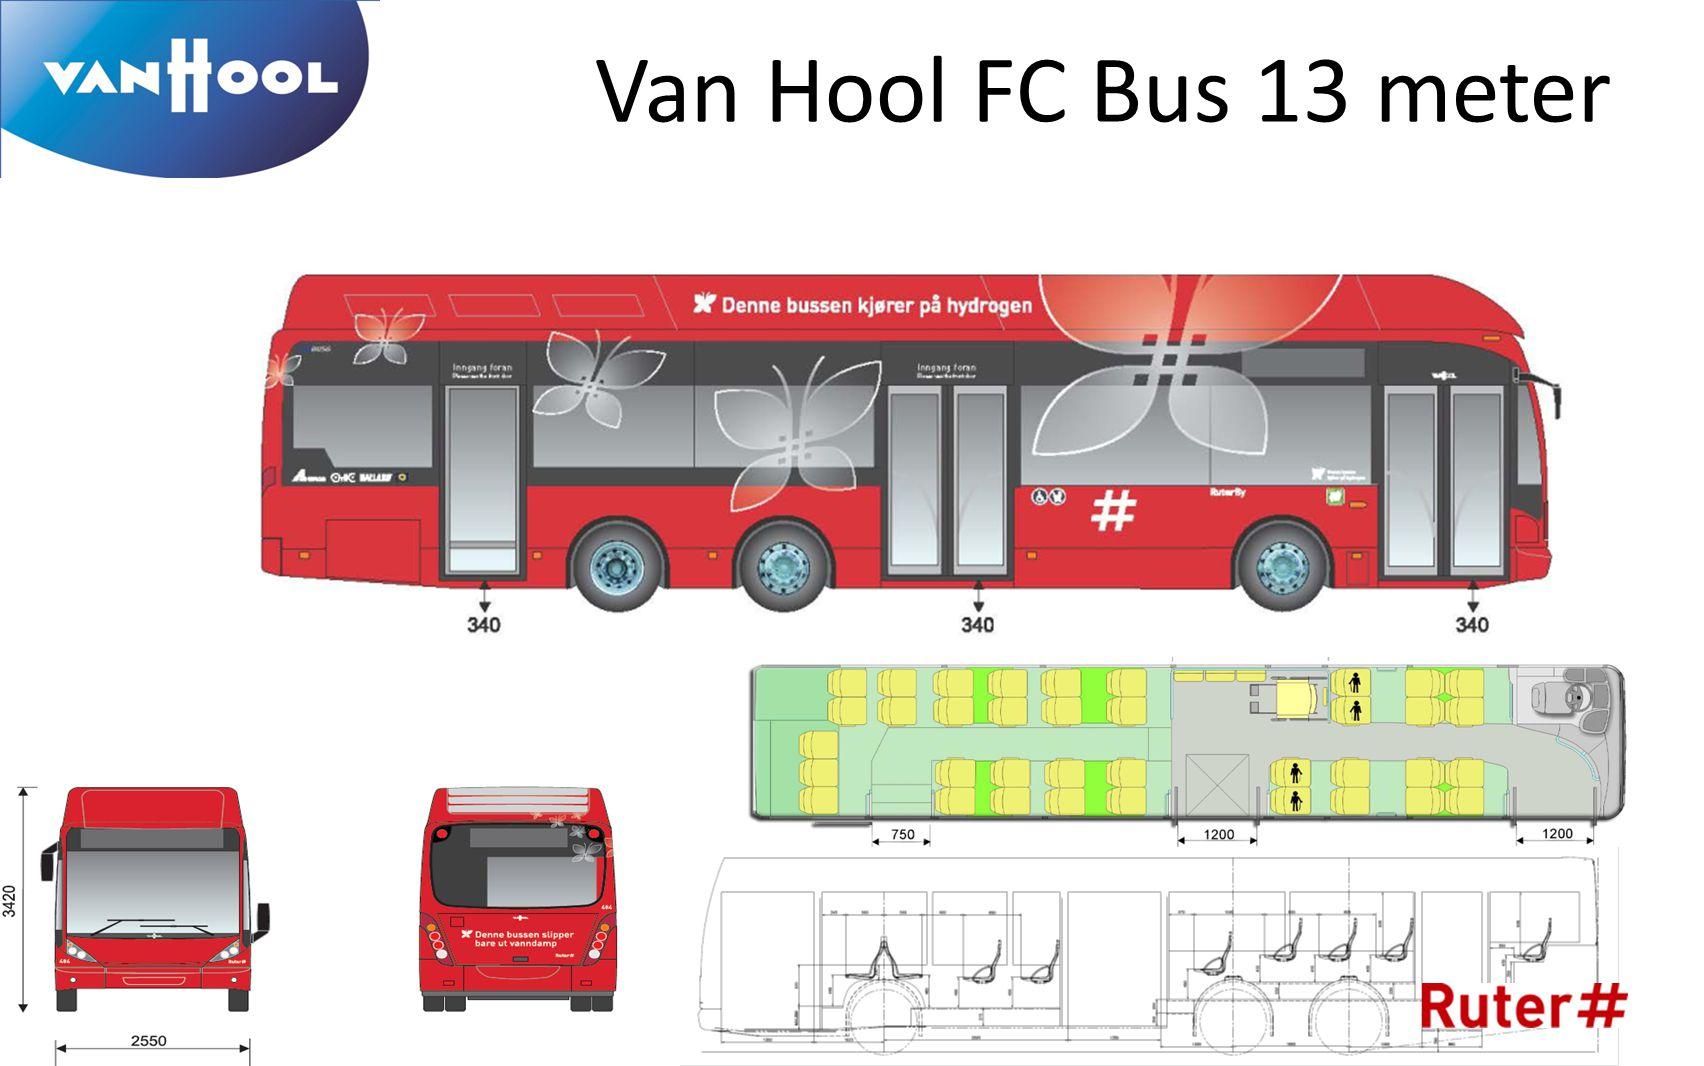 Van Hool FC Bus 13 meter